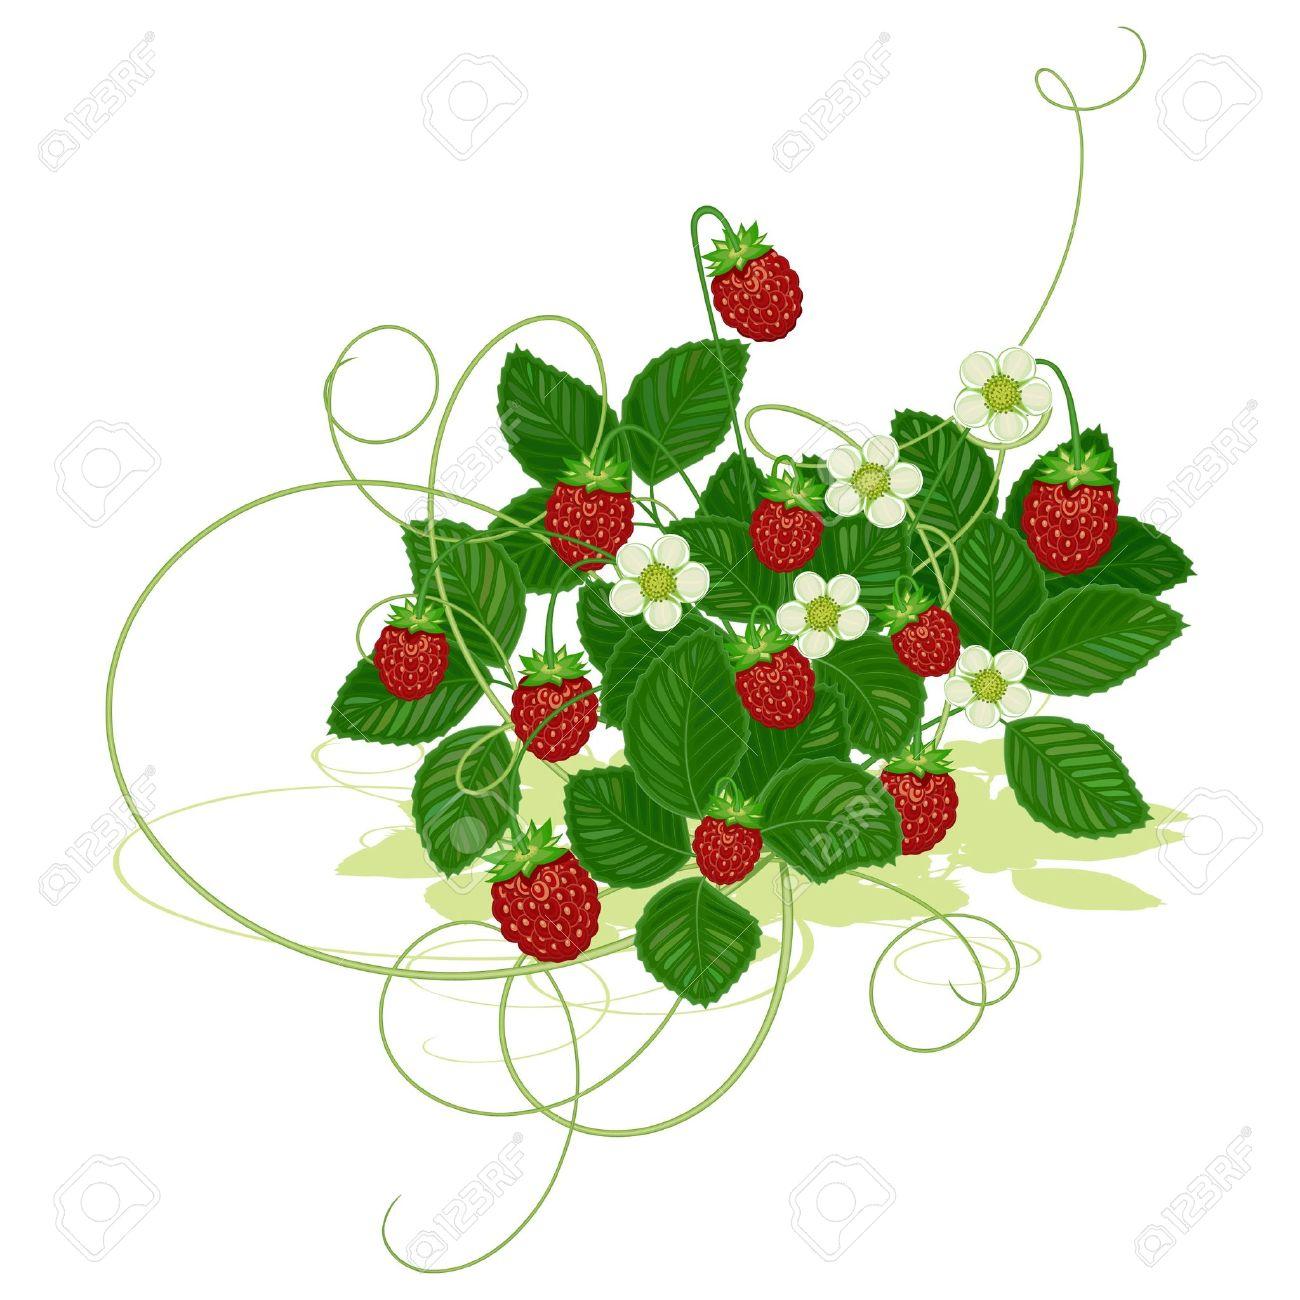 Berry bush clipart.